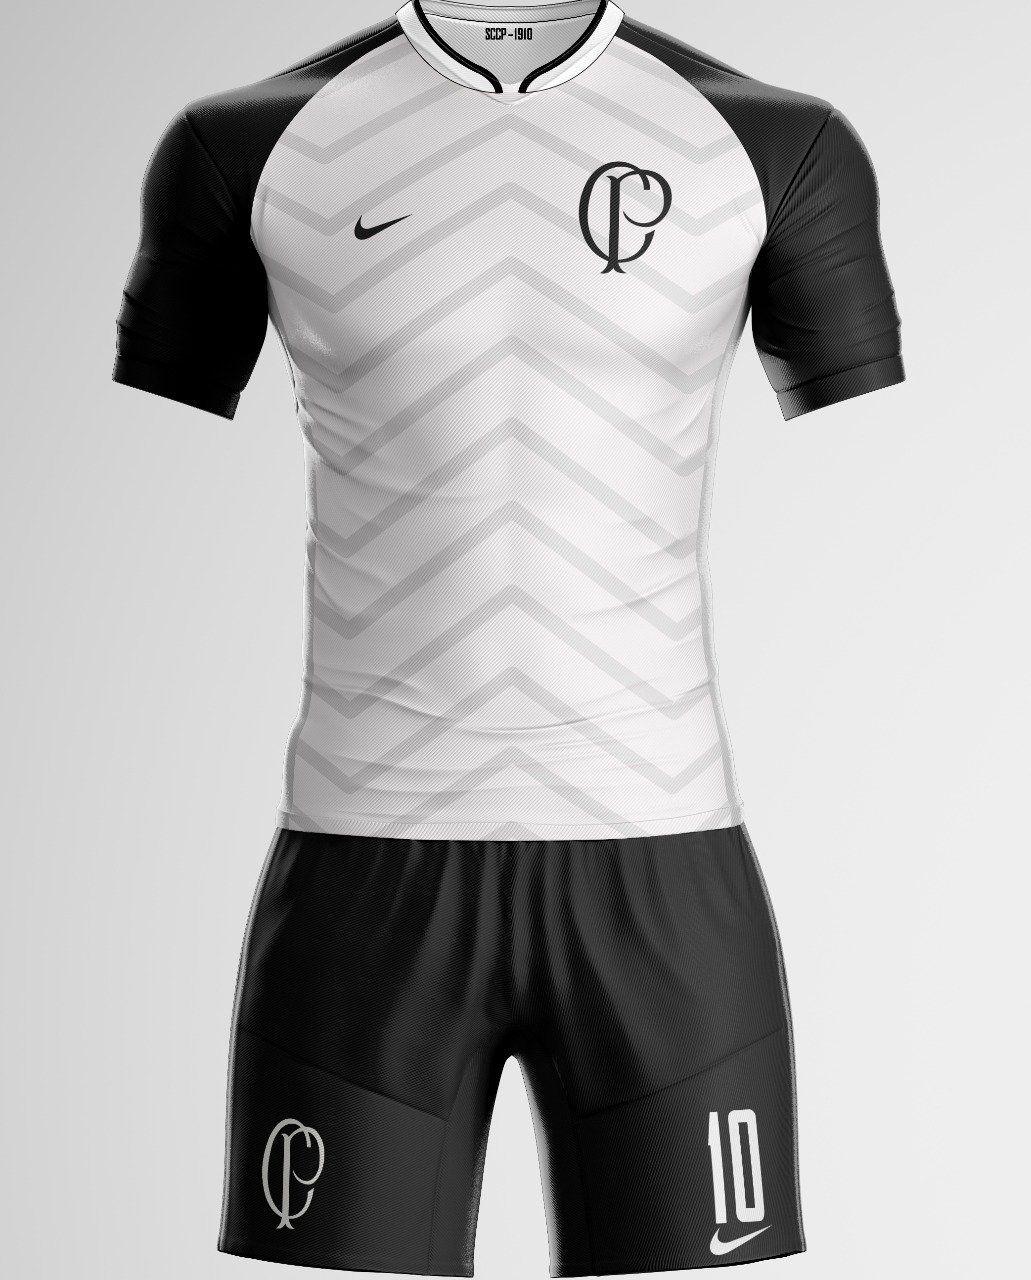 Se eu trabalhasse na Nike as camisas de 2018 seriam assim  a43d7ebdcf425